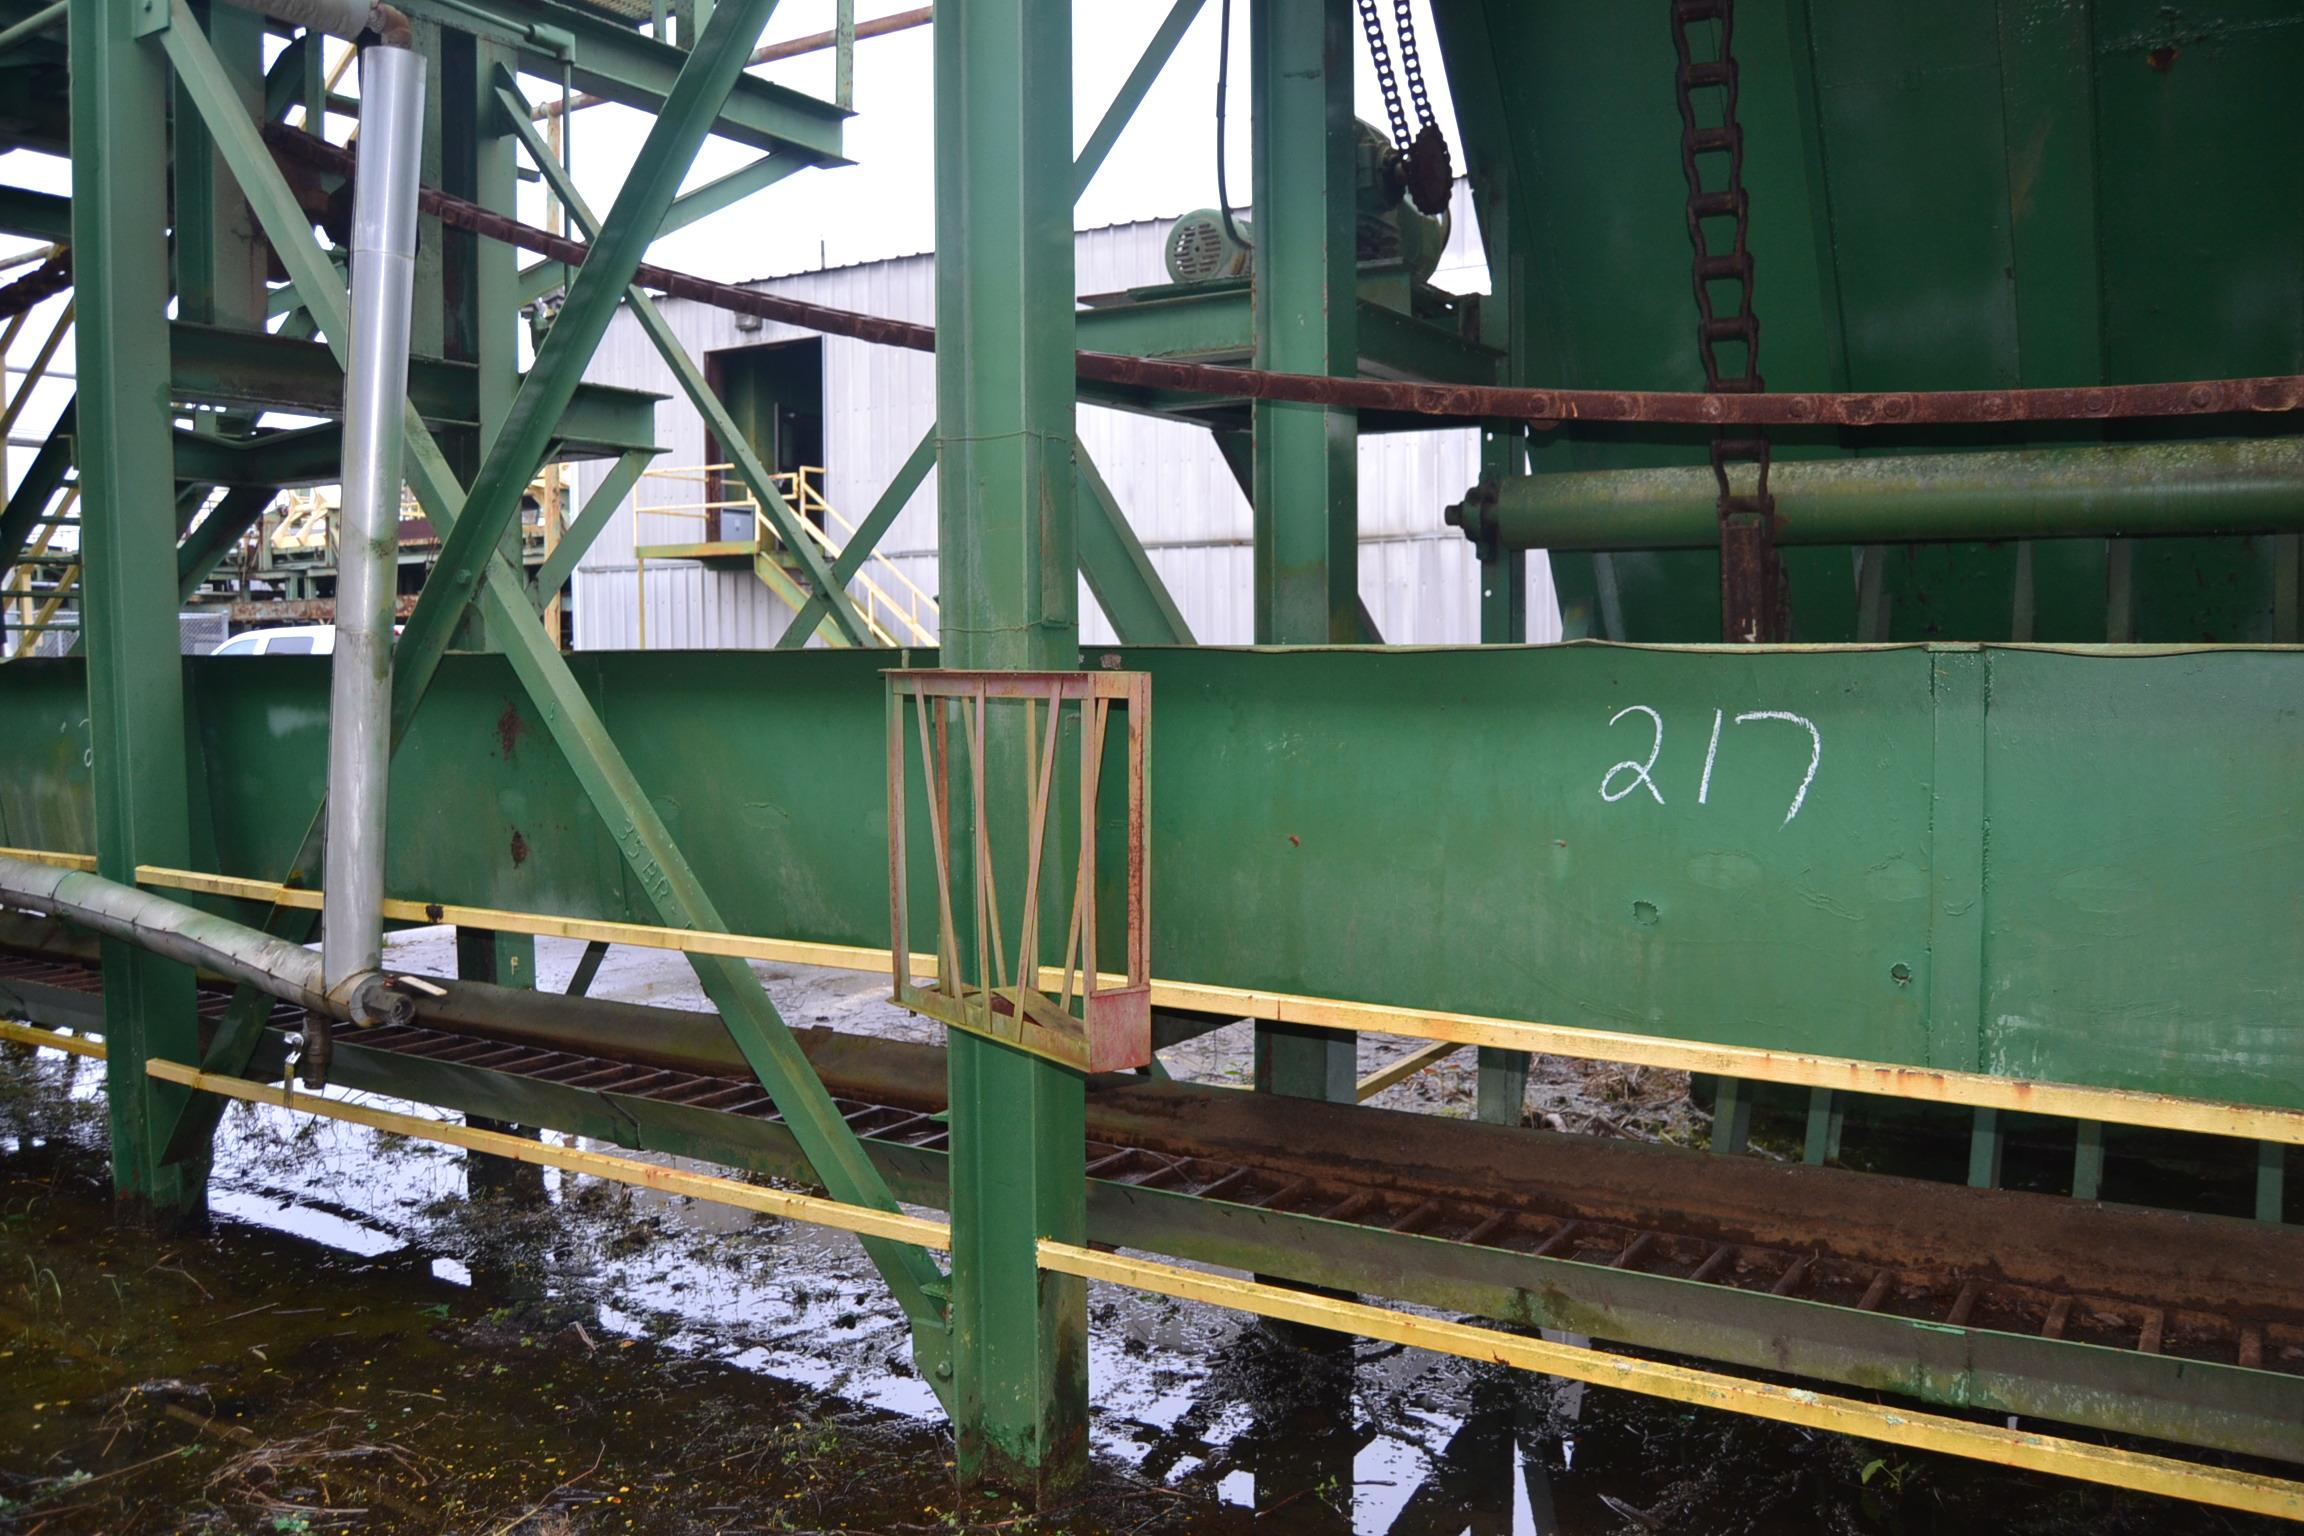 Lot 217 - 65' ALL STEEL WASTE COVNEYOR W/LADDER BACK CHAIN W/DRIVE